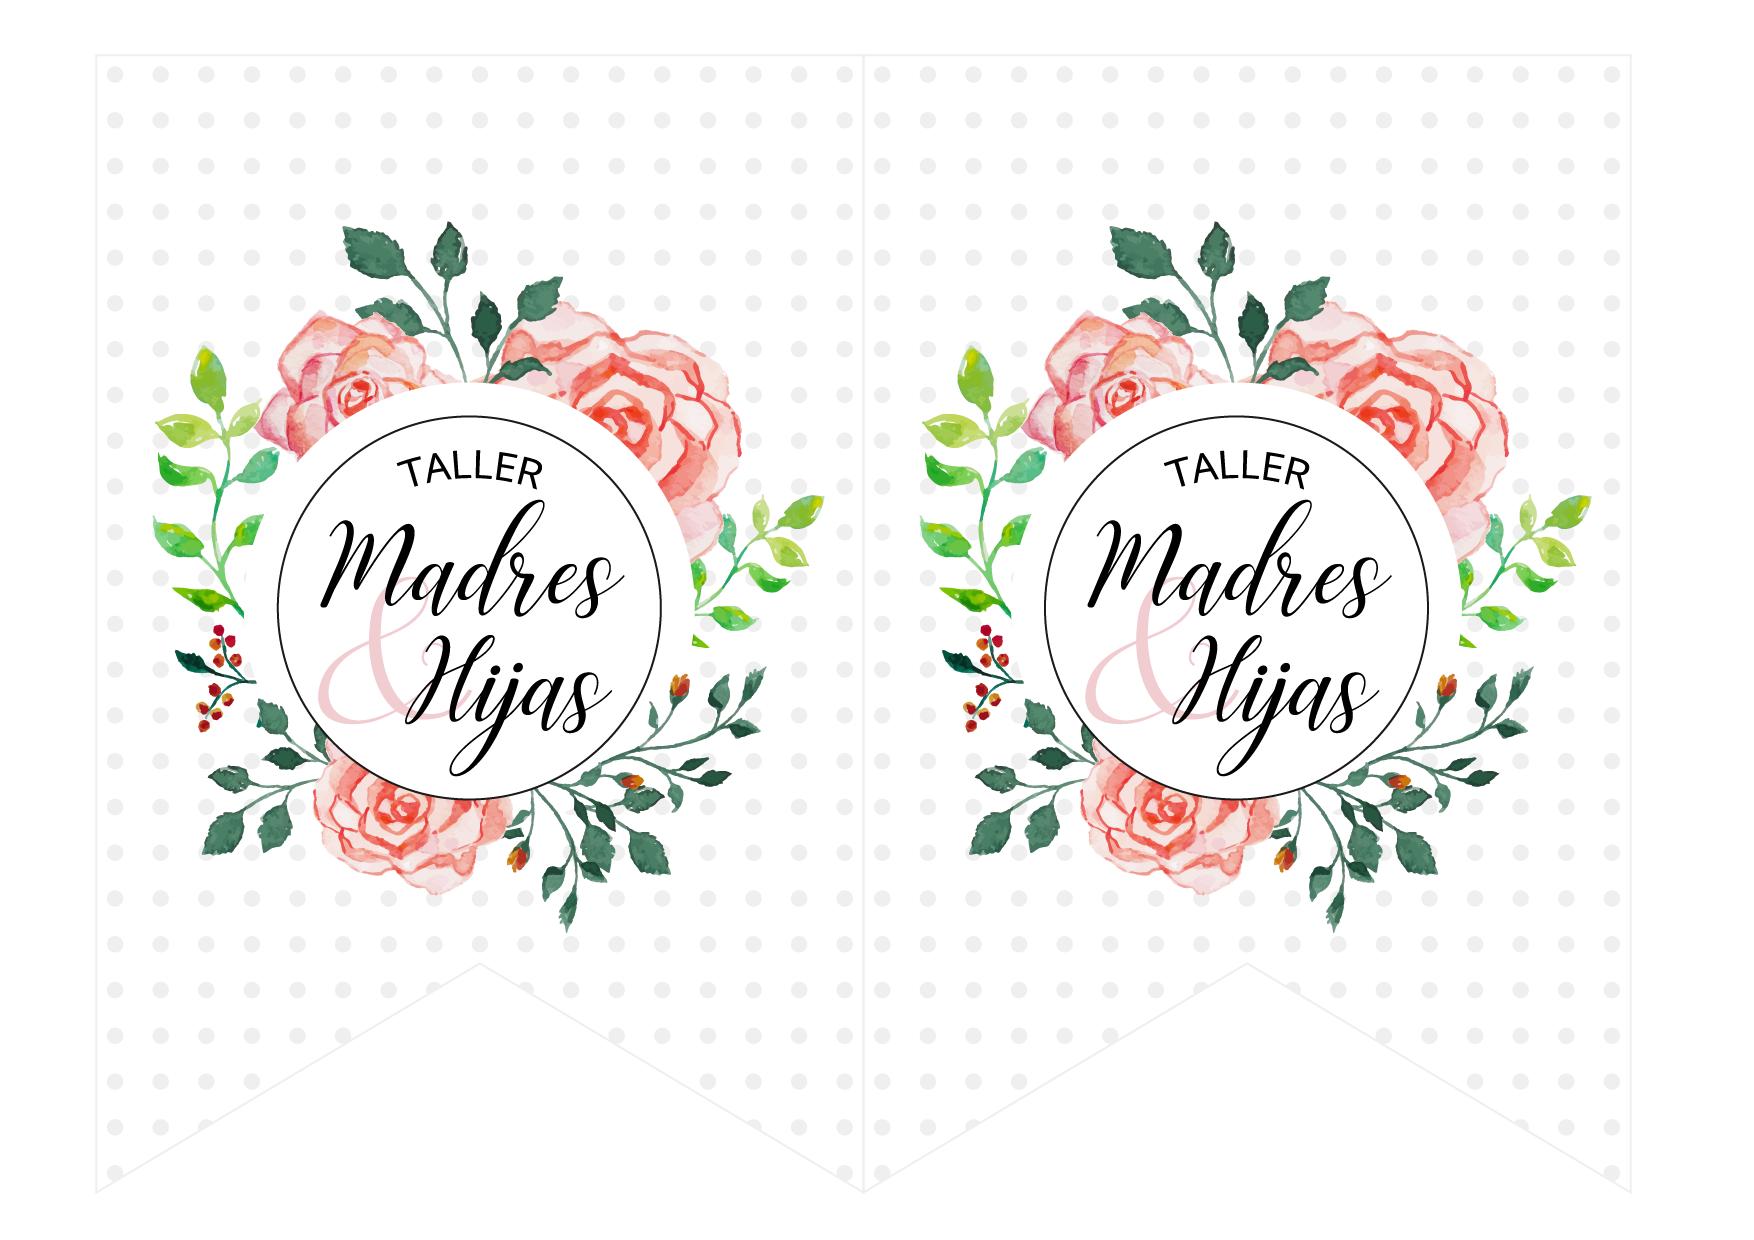 banderines Taller Madres e Hijas - conexionsud-01-02